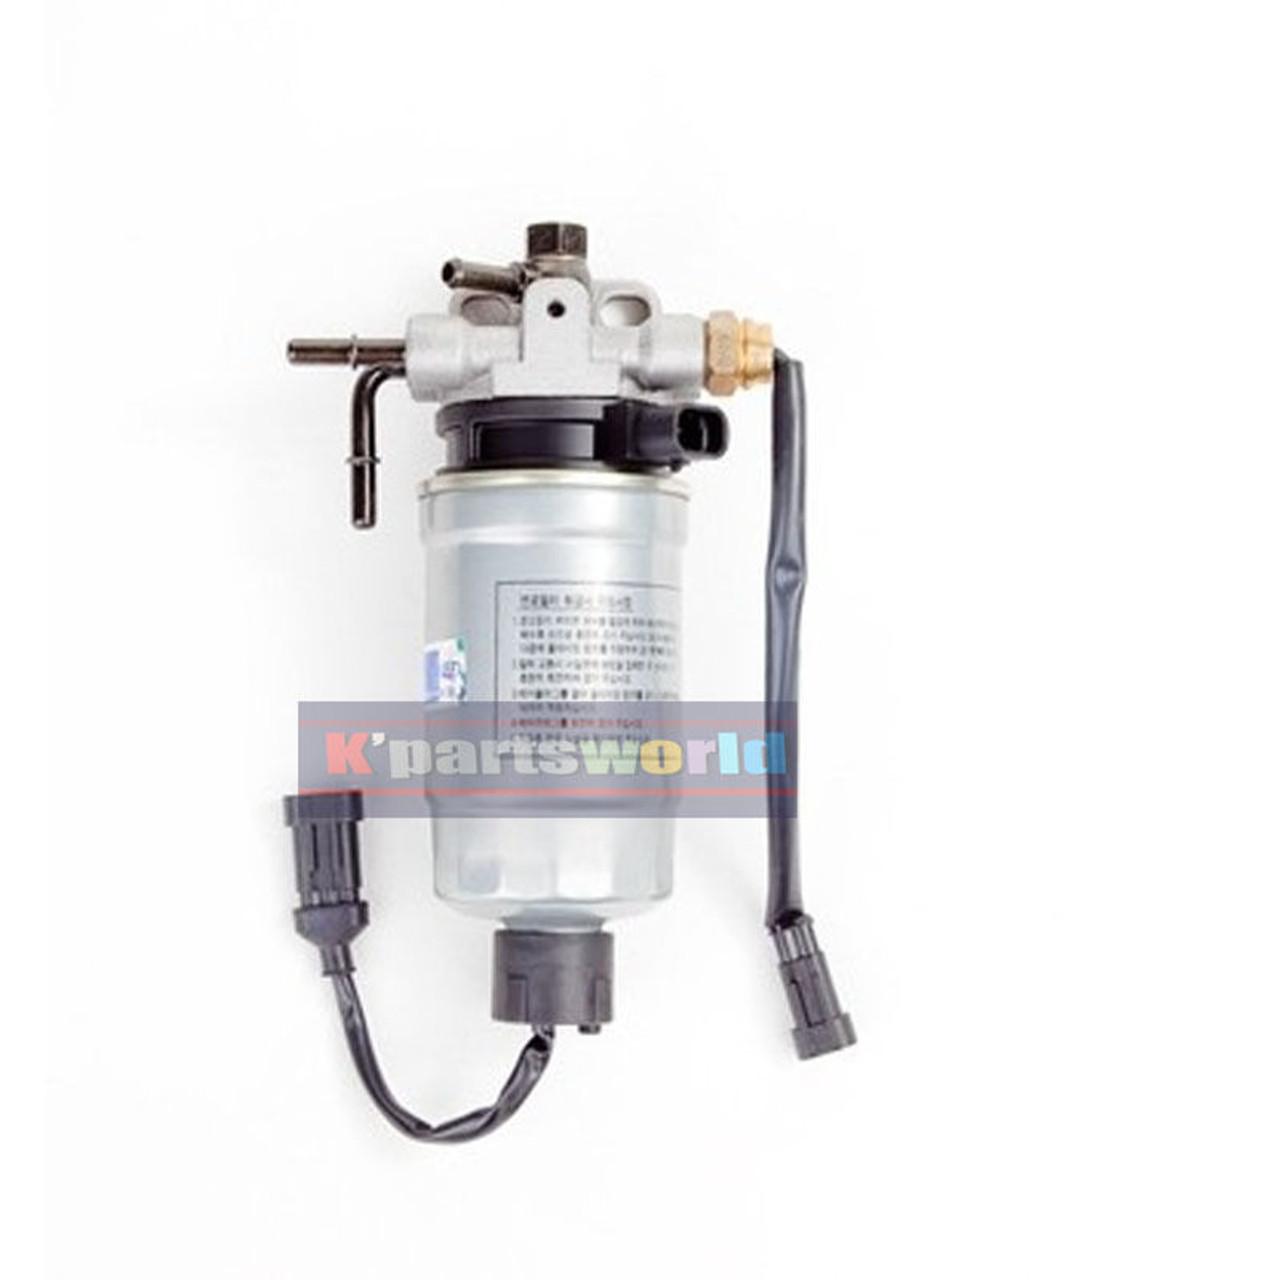 fuel filter water separator assy 319112e900 for kia sportage hyundai tucson [ 1280 x 1280 Pixel ]